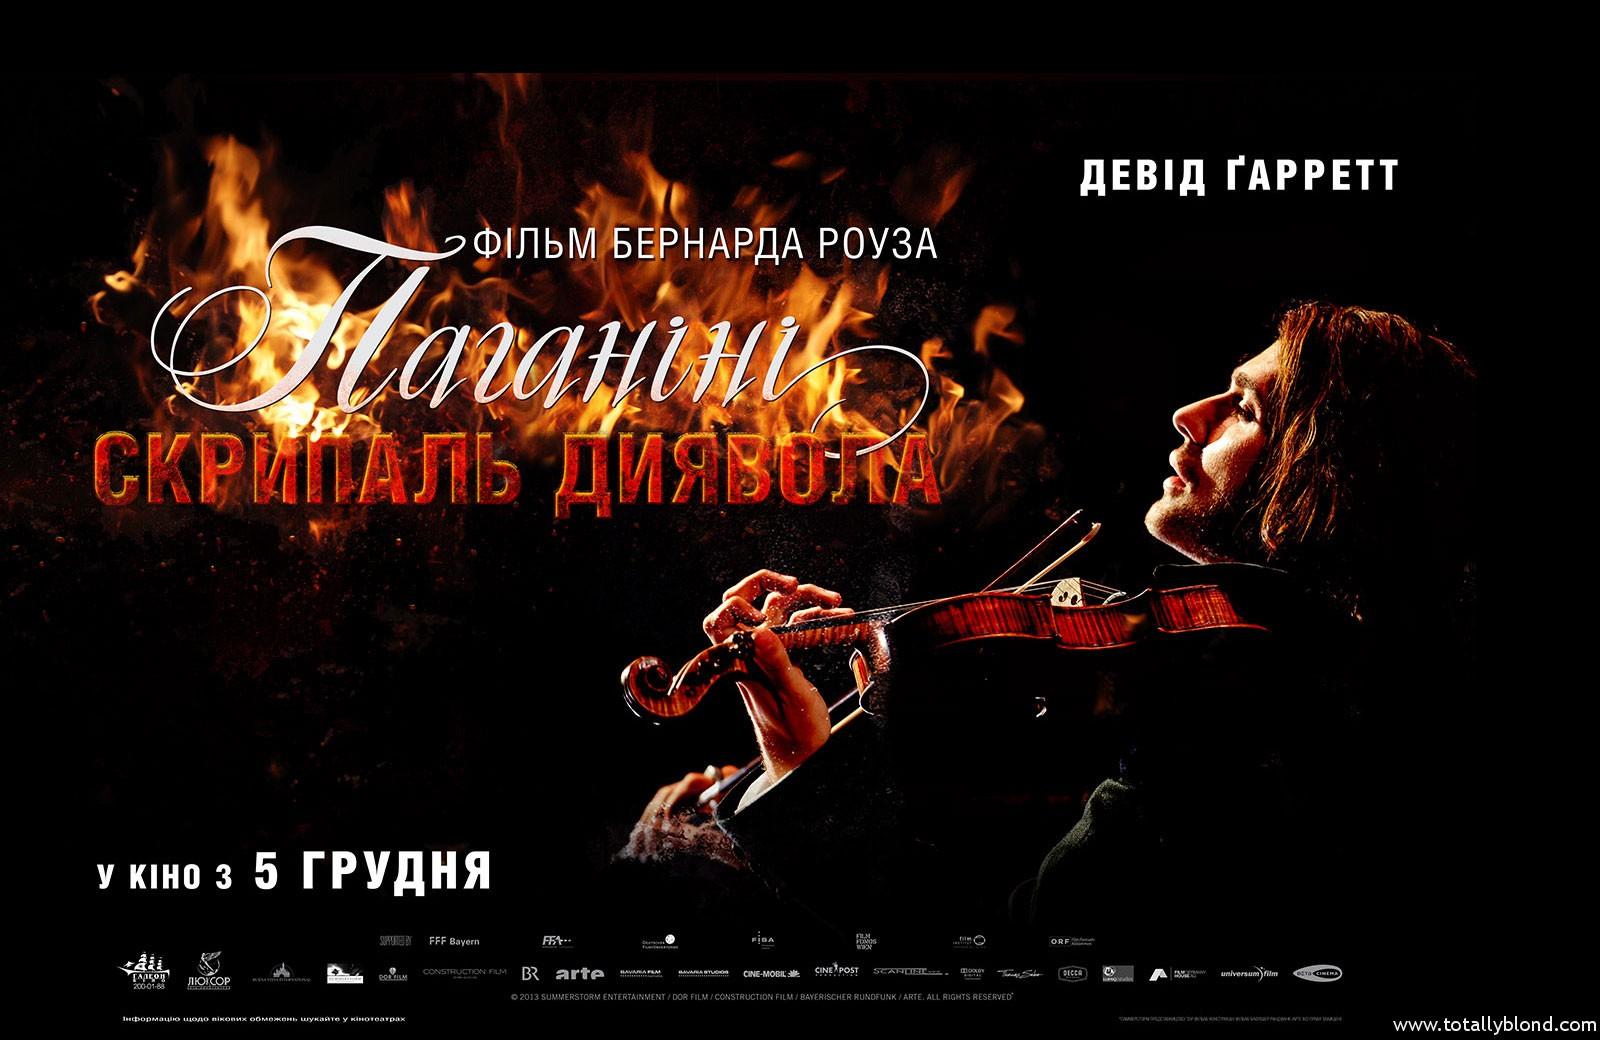 Paganini-The-Devils-Violinist-afisha